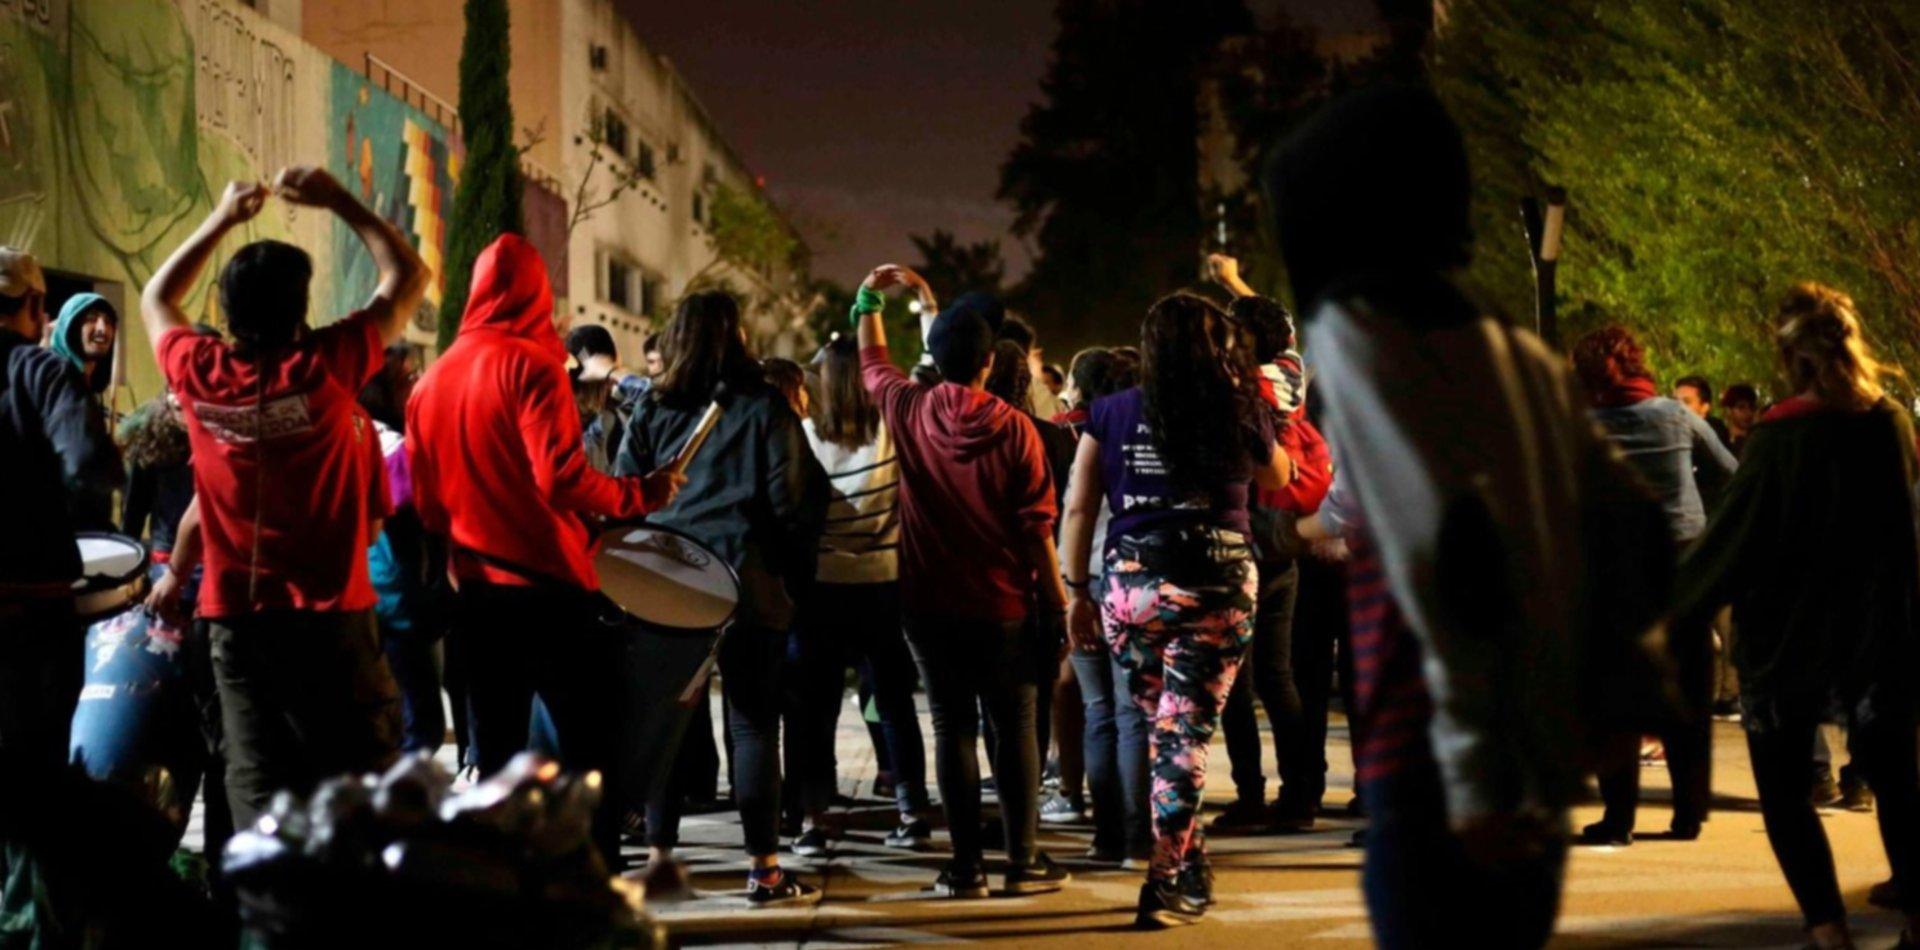 Elecciones UNLP: El frente peronista se impuso en Psicología en un final cerrado y con polémica